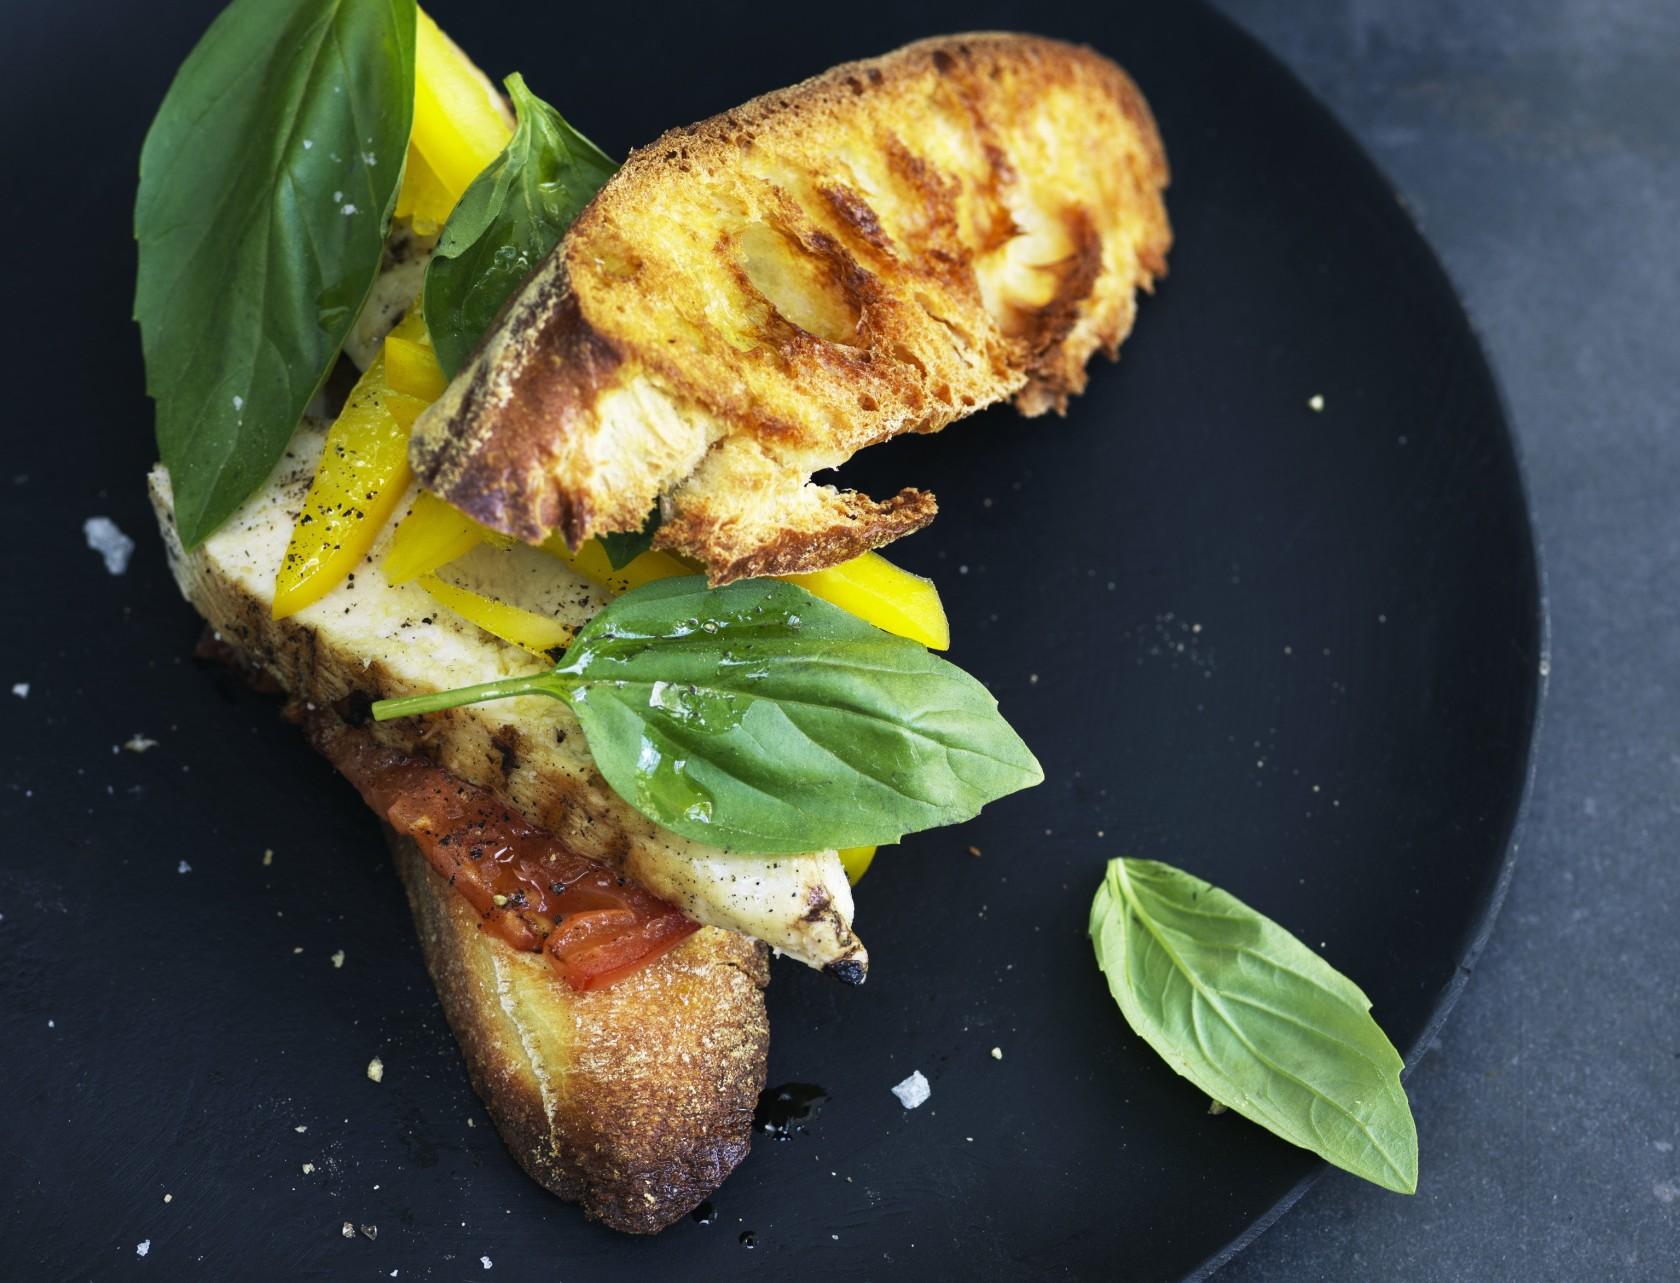 Lækker ristet sandwich med tomat og kylling